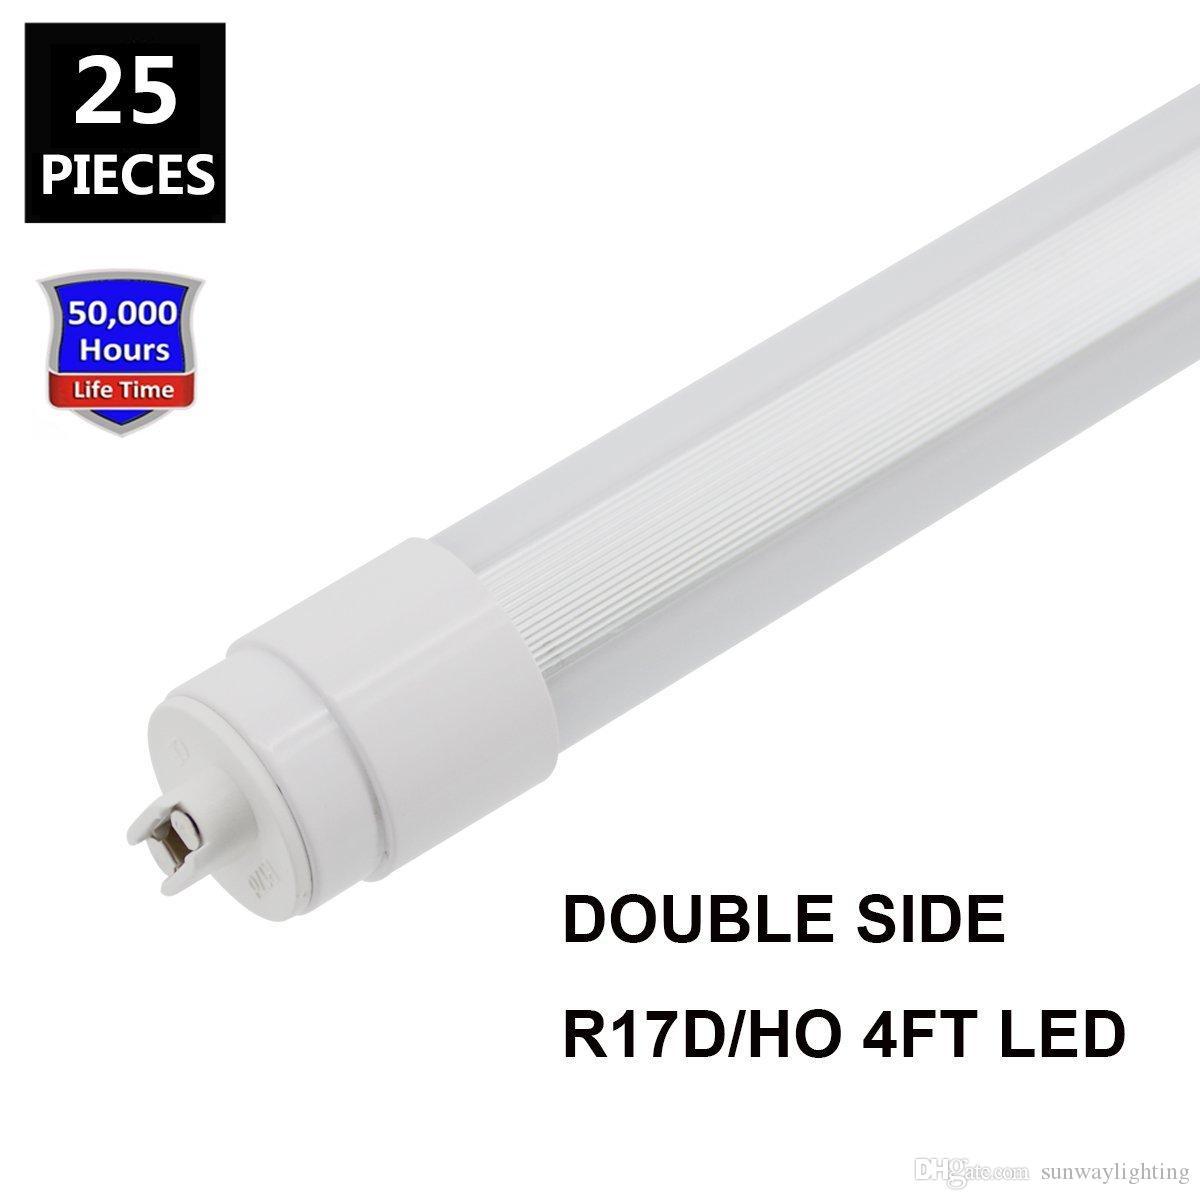 360 degree emitting t8 double side led tube Résultat Supérieur 15 Merveilleux Tube Led Photographie 2018 Hgd6